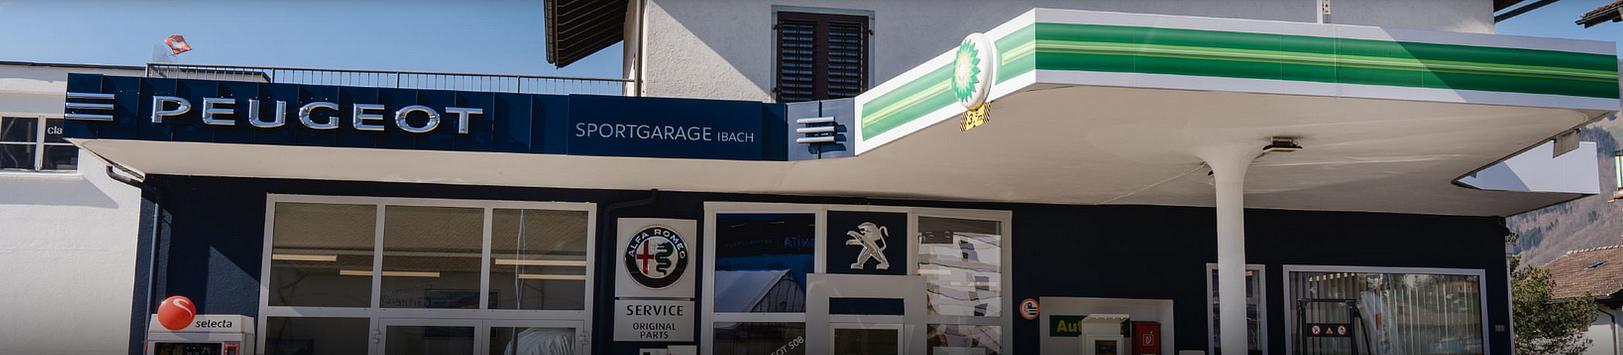 Sportgarage Ibach GmbH